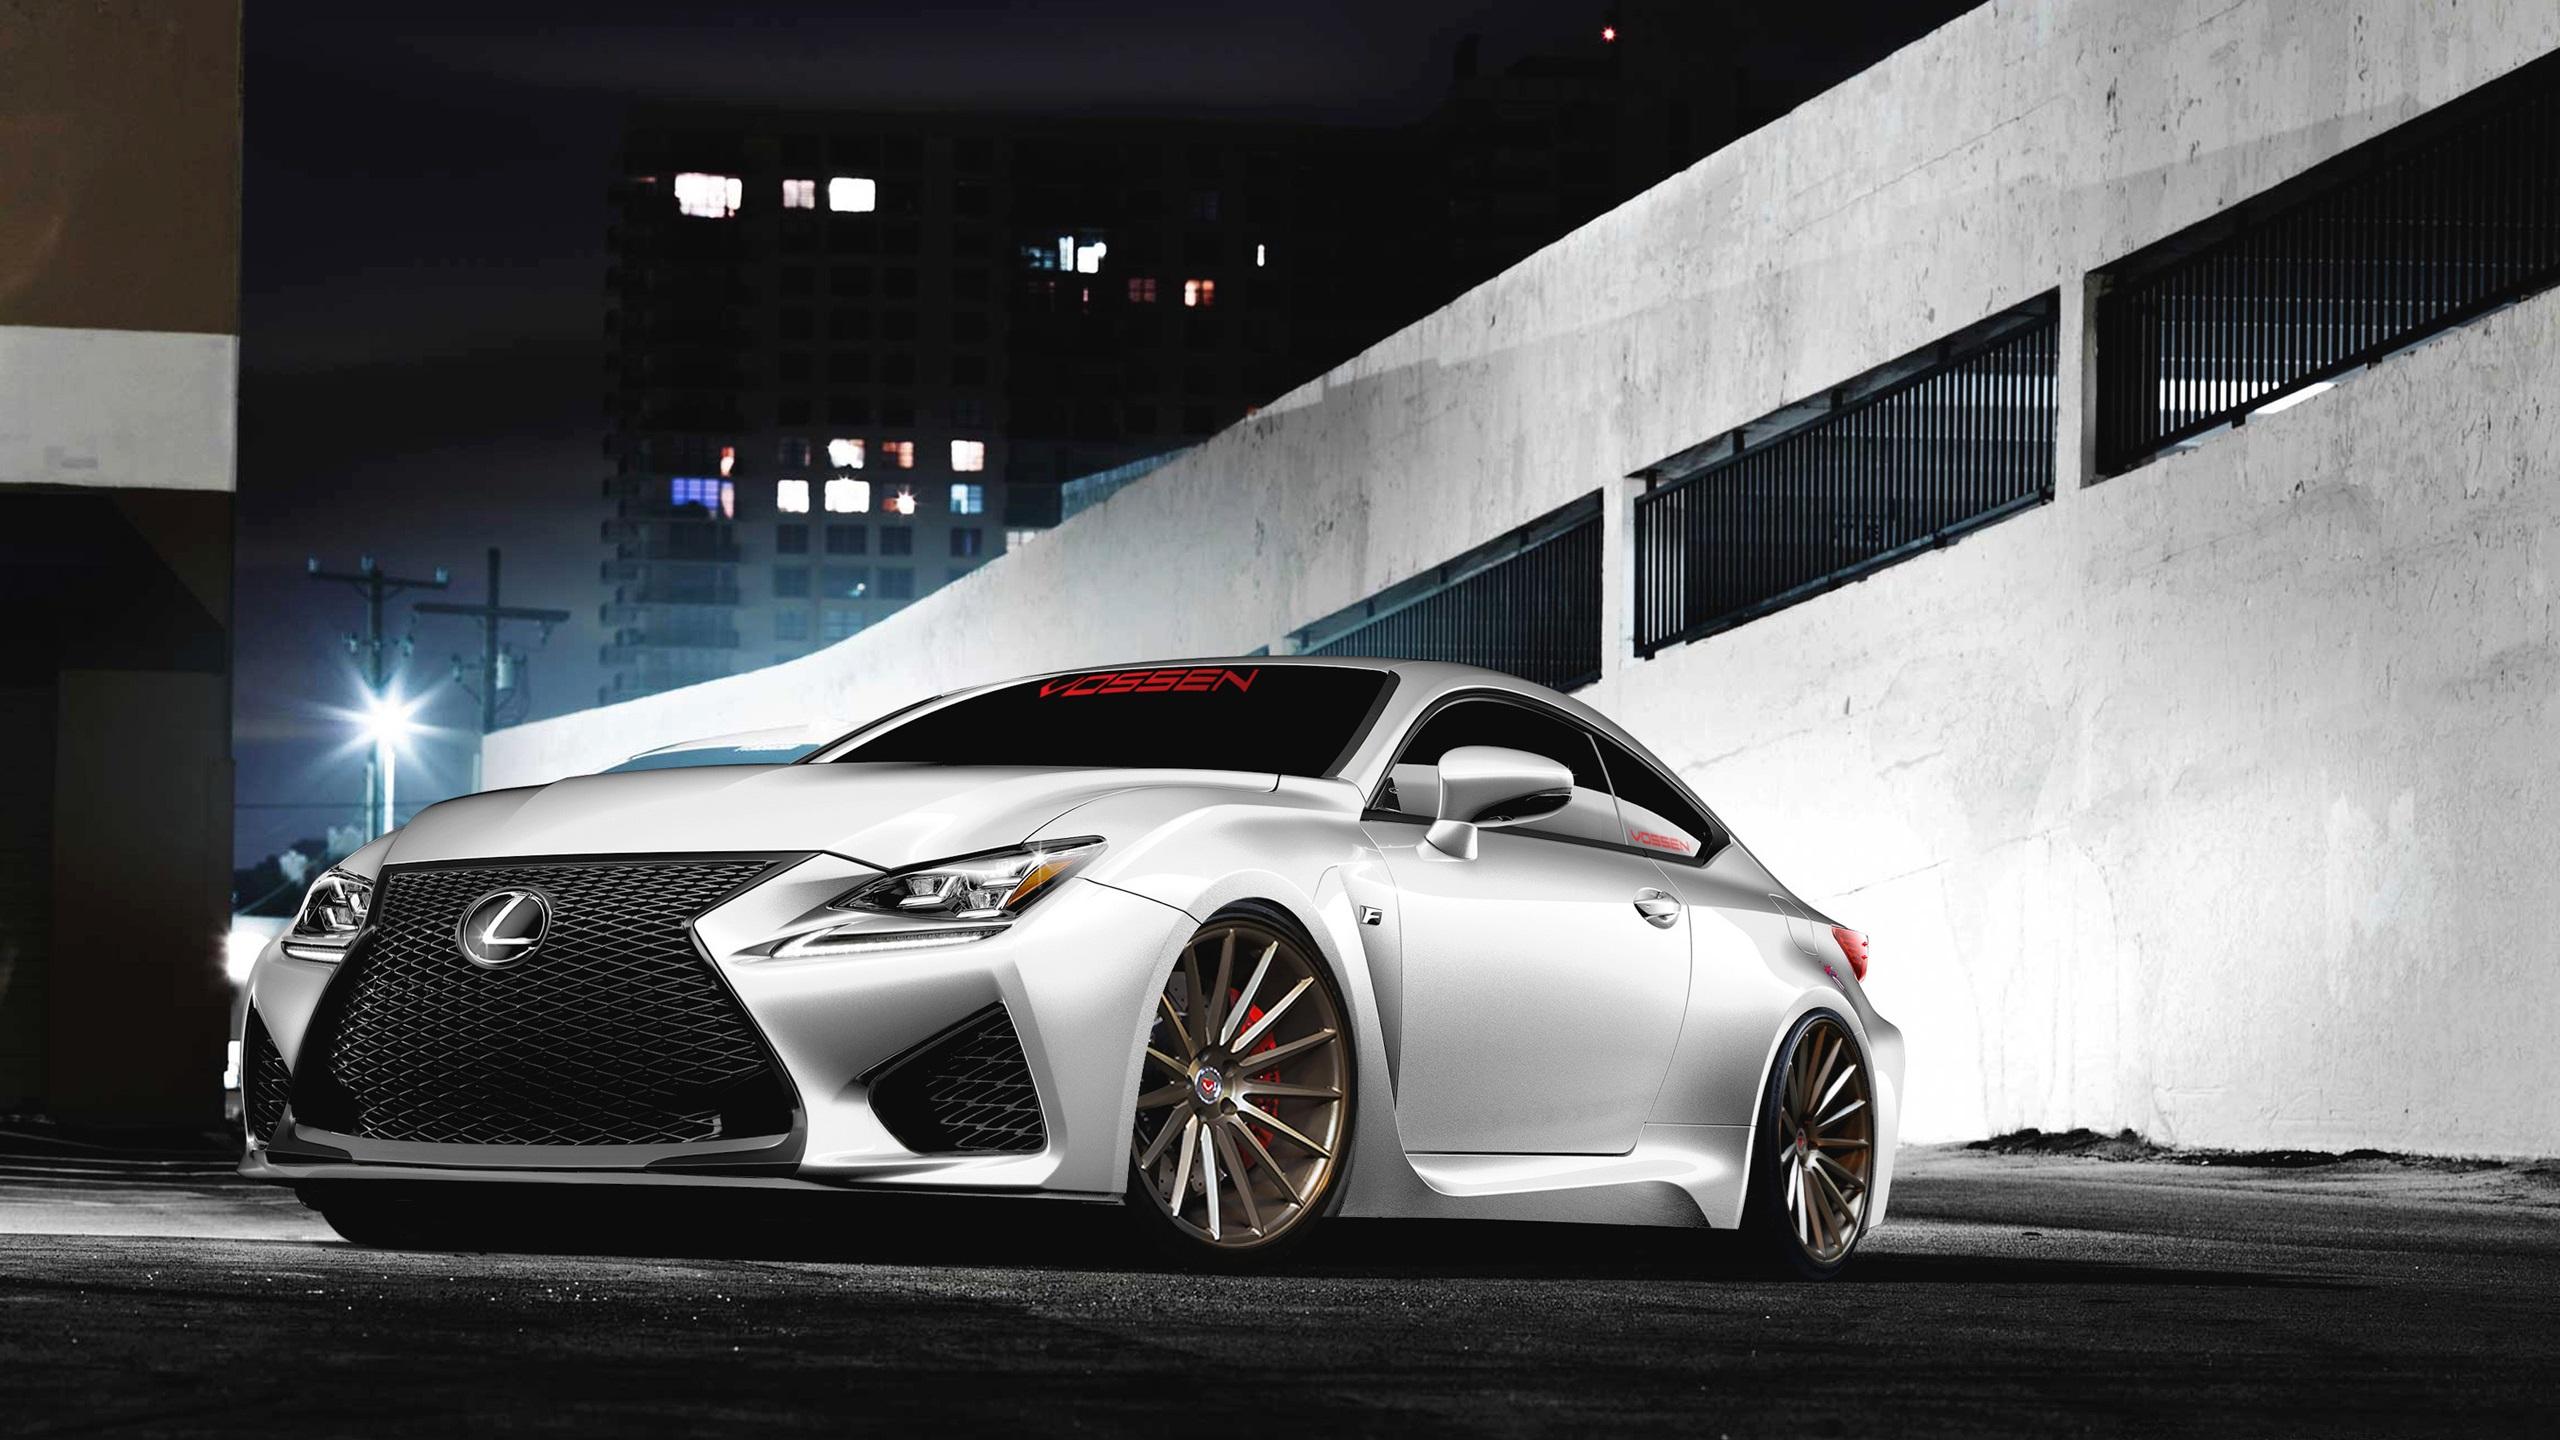 Lexus RC F voiture blanche vue de face Fonds dcran 2560x1440 2560x1440